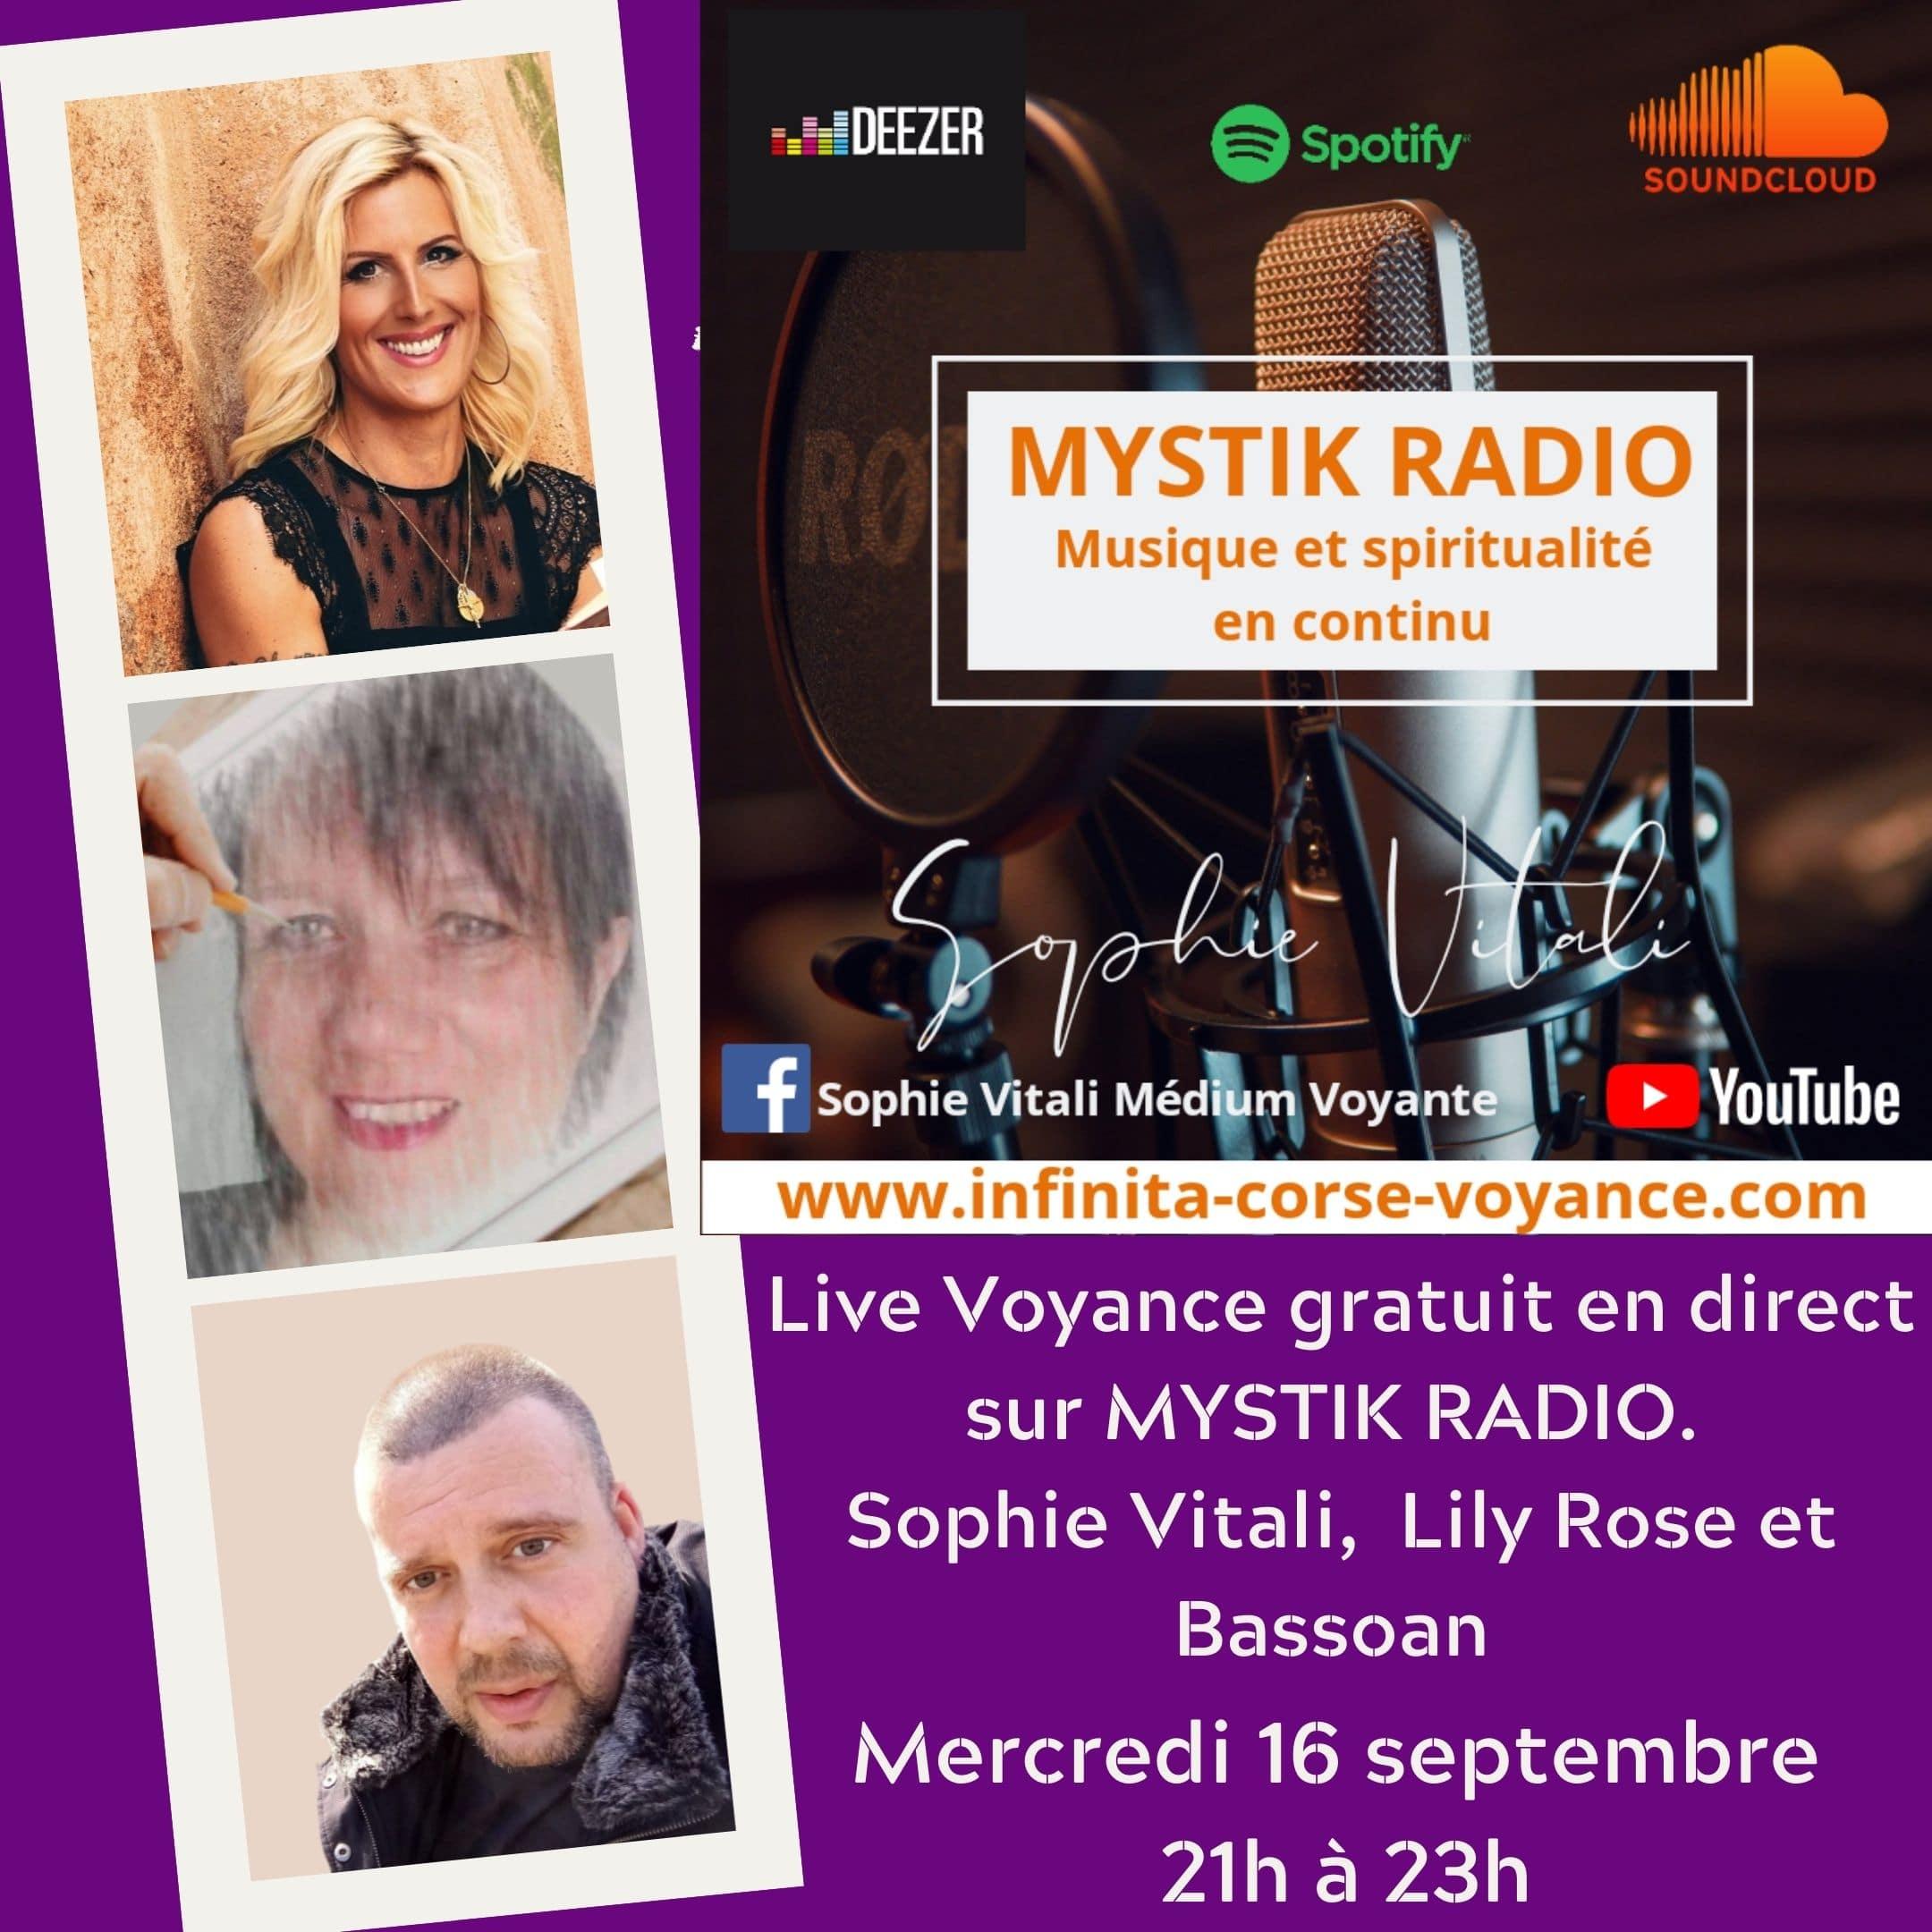 Live voyance gratuit/ Mystik radio / Sophie Vitali, Lily Rose et Bassoan